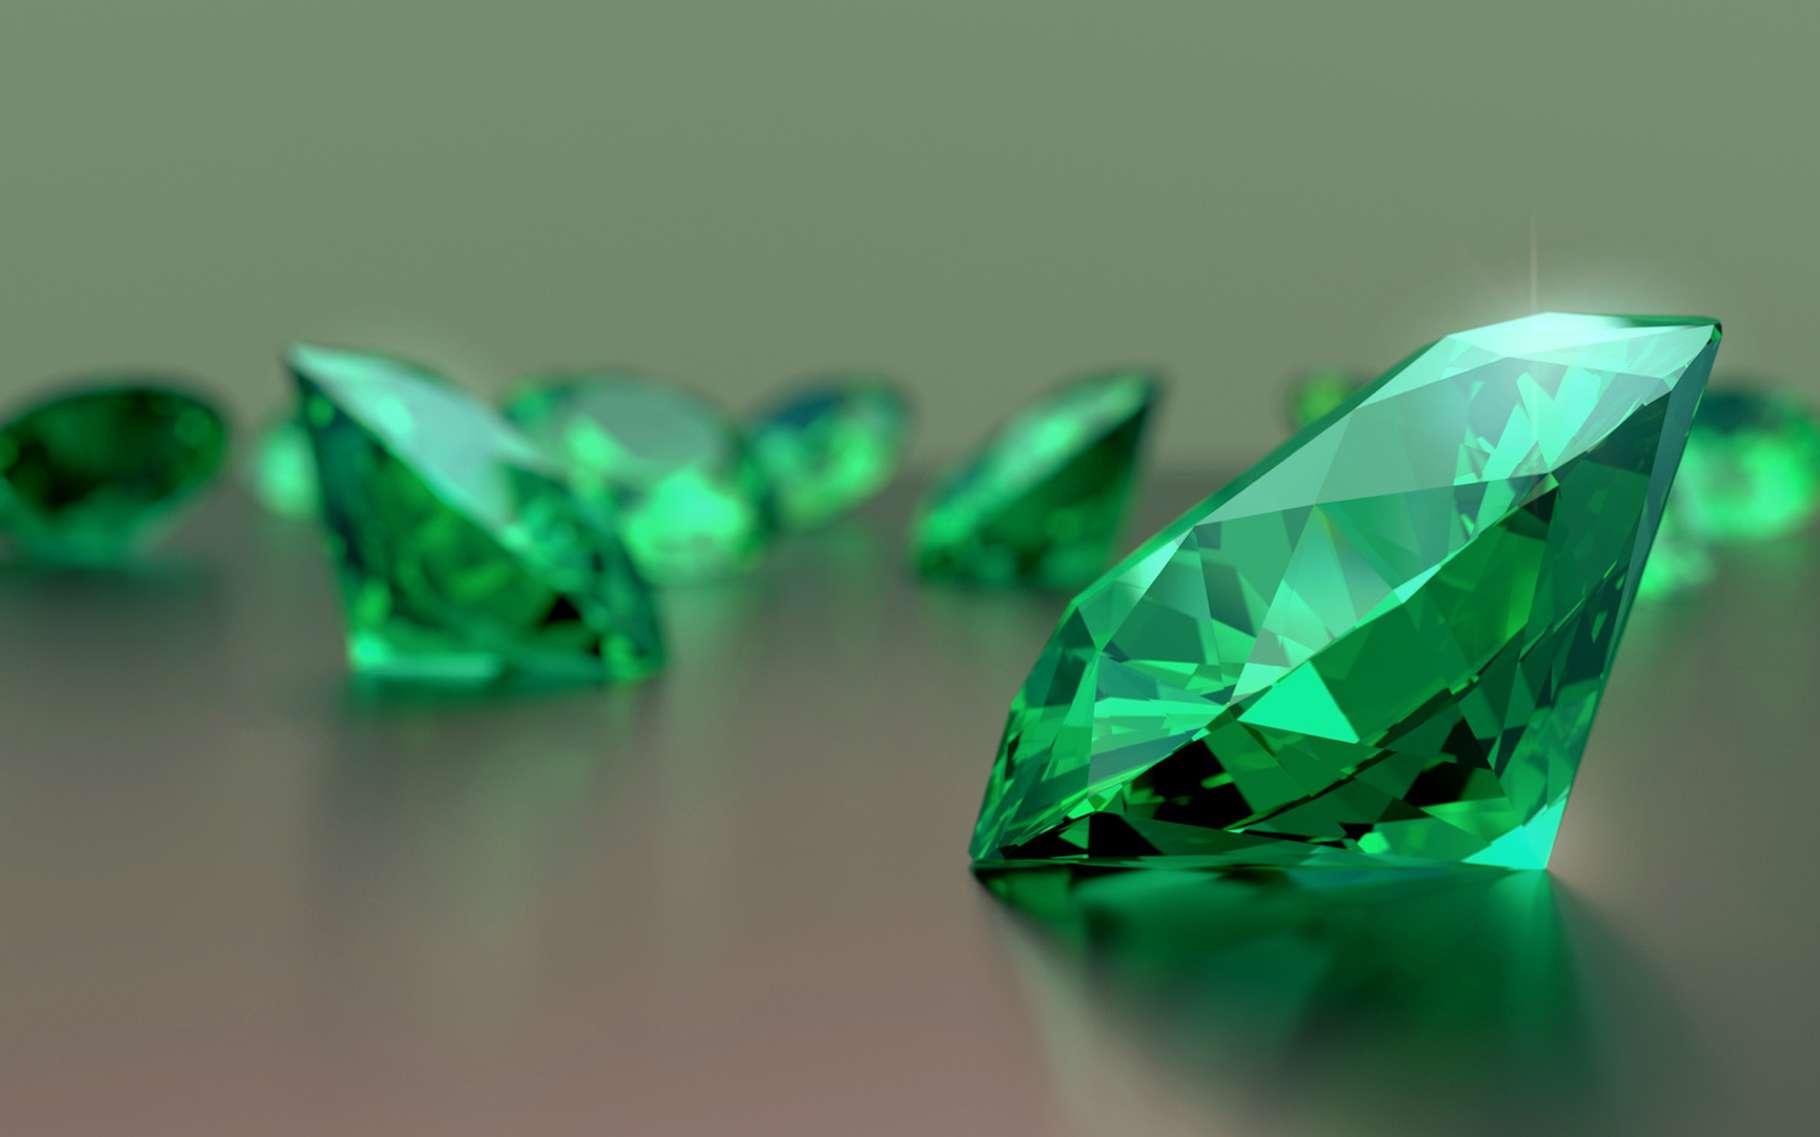 L'émeraude — ici en photo – tout comme le diamant, le saphir et le rubis sont les quatre seules pierres qui peuvent être qualifiées de pierres précieuses. © sarawut795, Fotolia